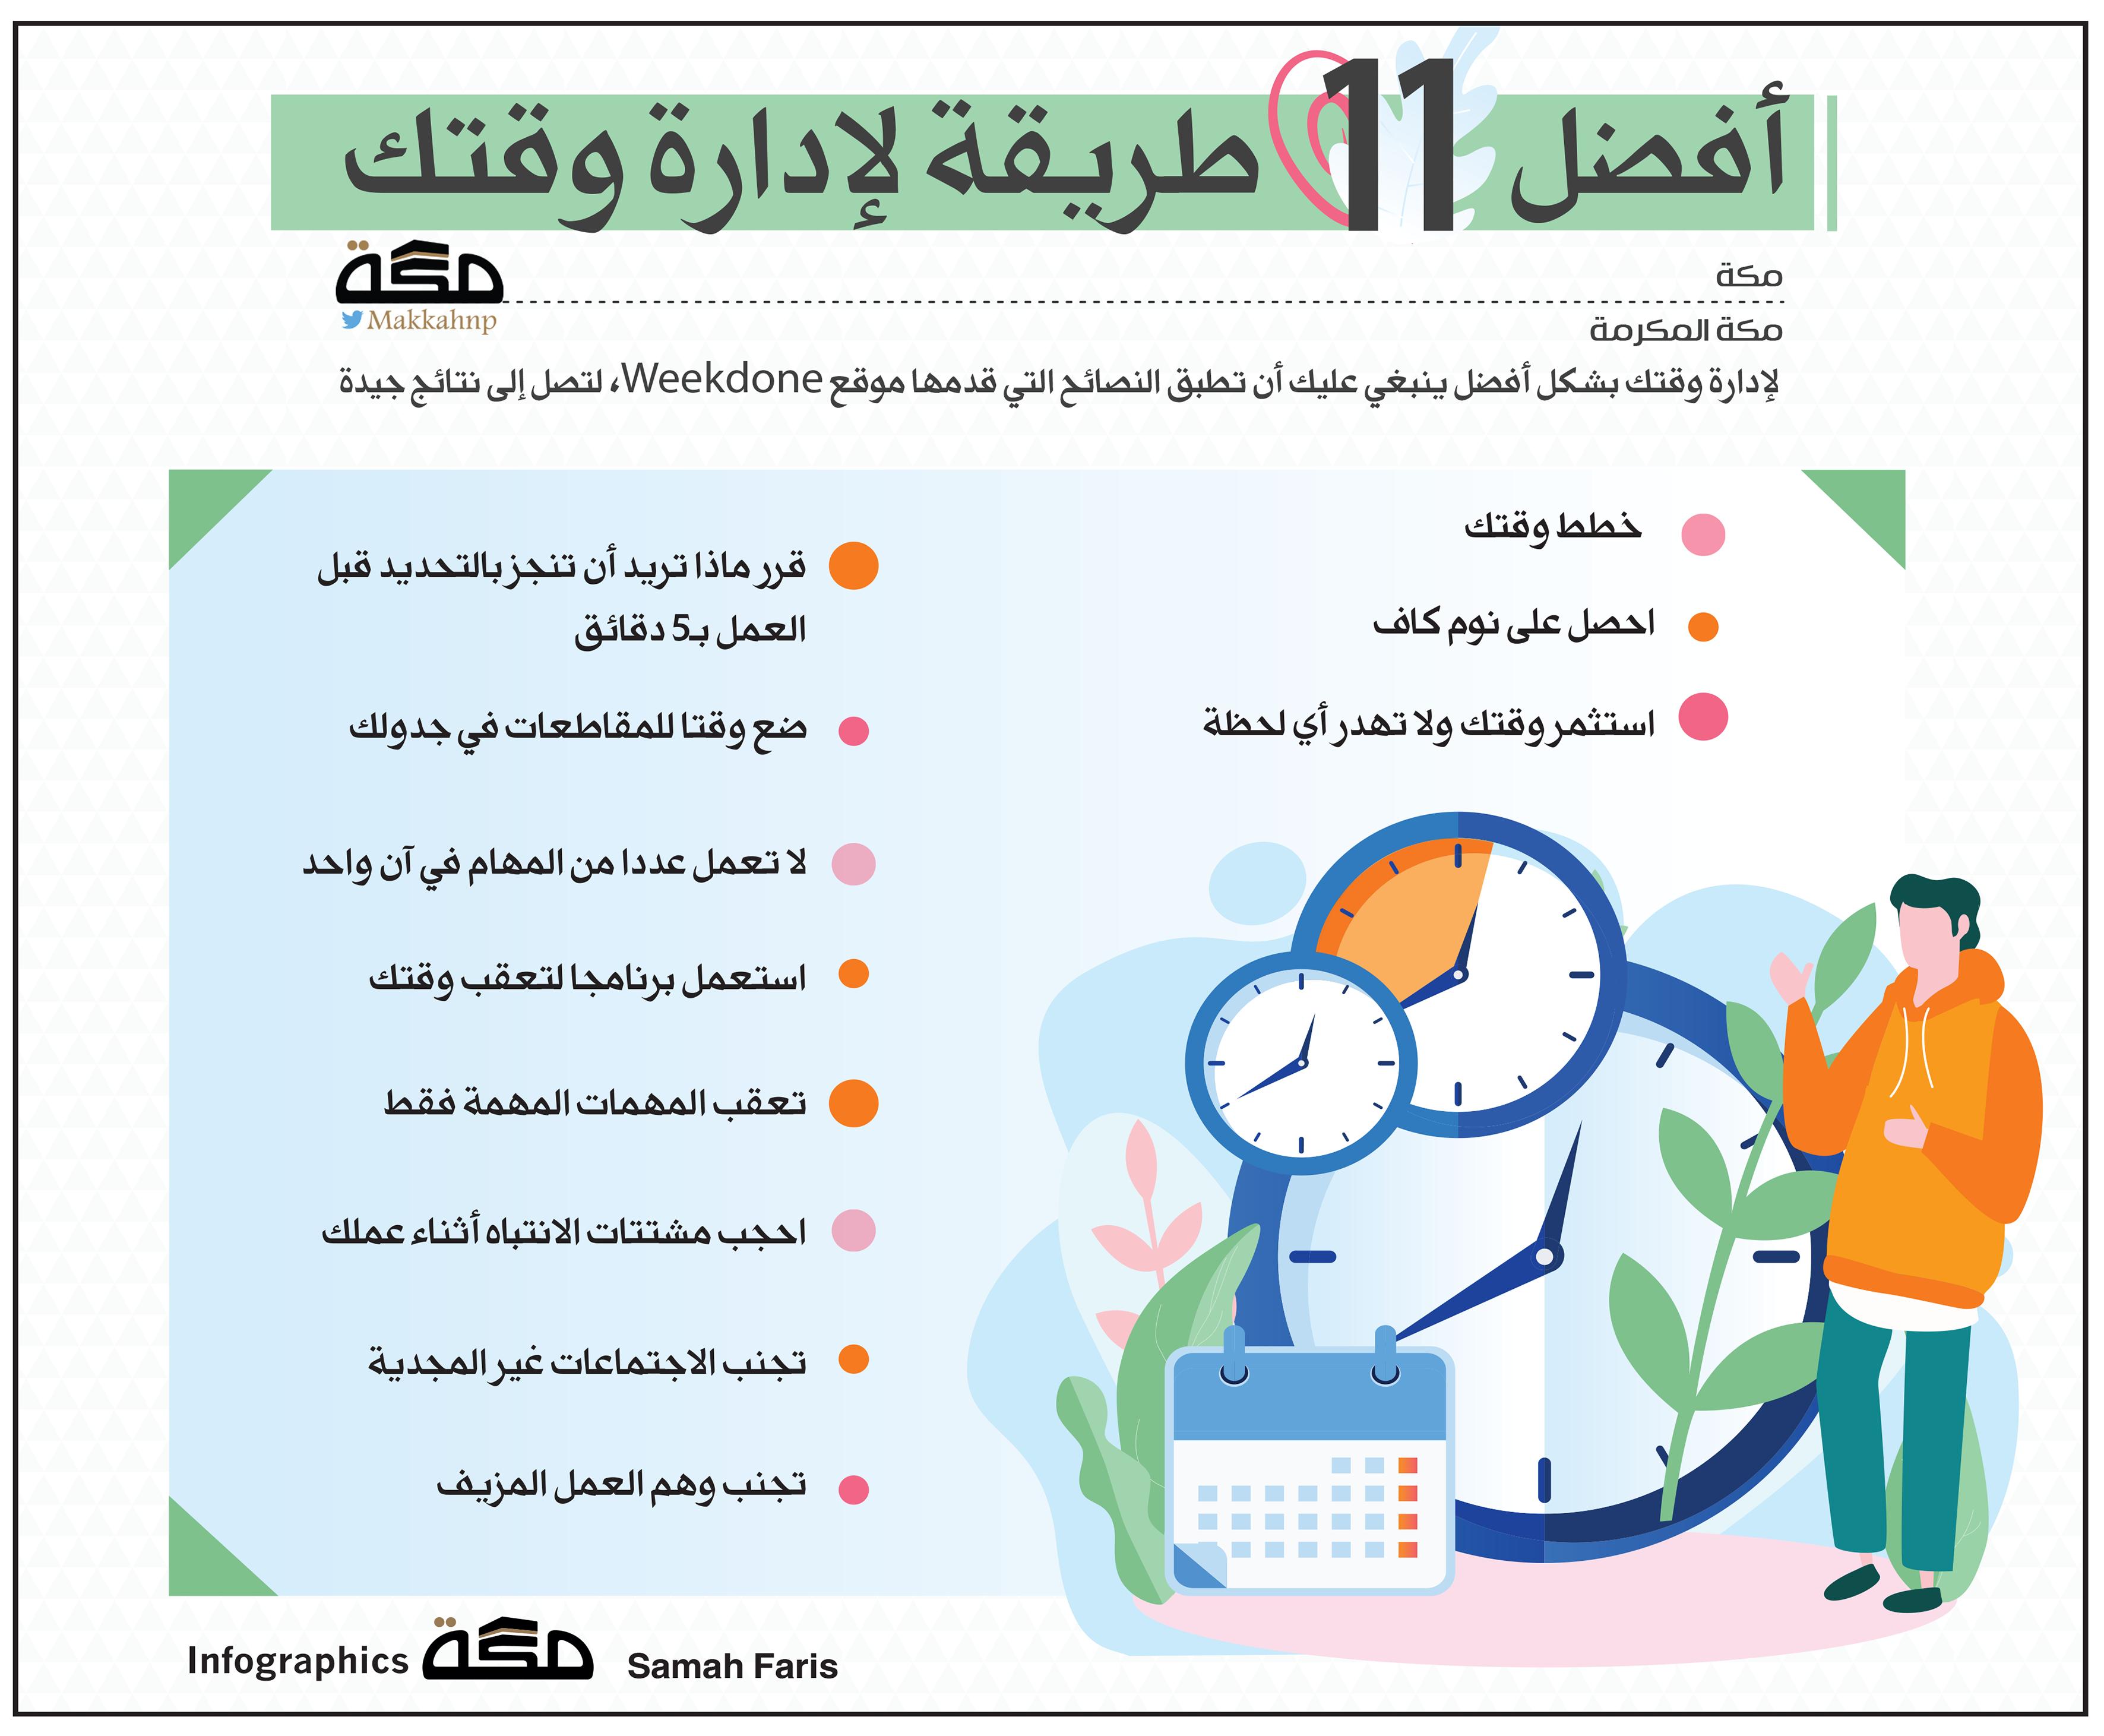 انفوجرافيك أفضل 11 طريقة لإدارة وقتك إدارة الوقت انفوجرافيك Infographic صحيفة مكة Map Infographic Map Screenshot